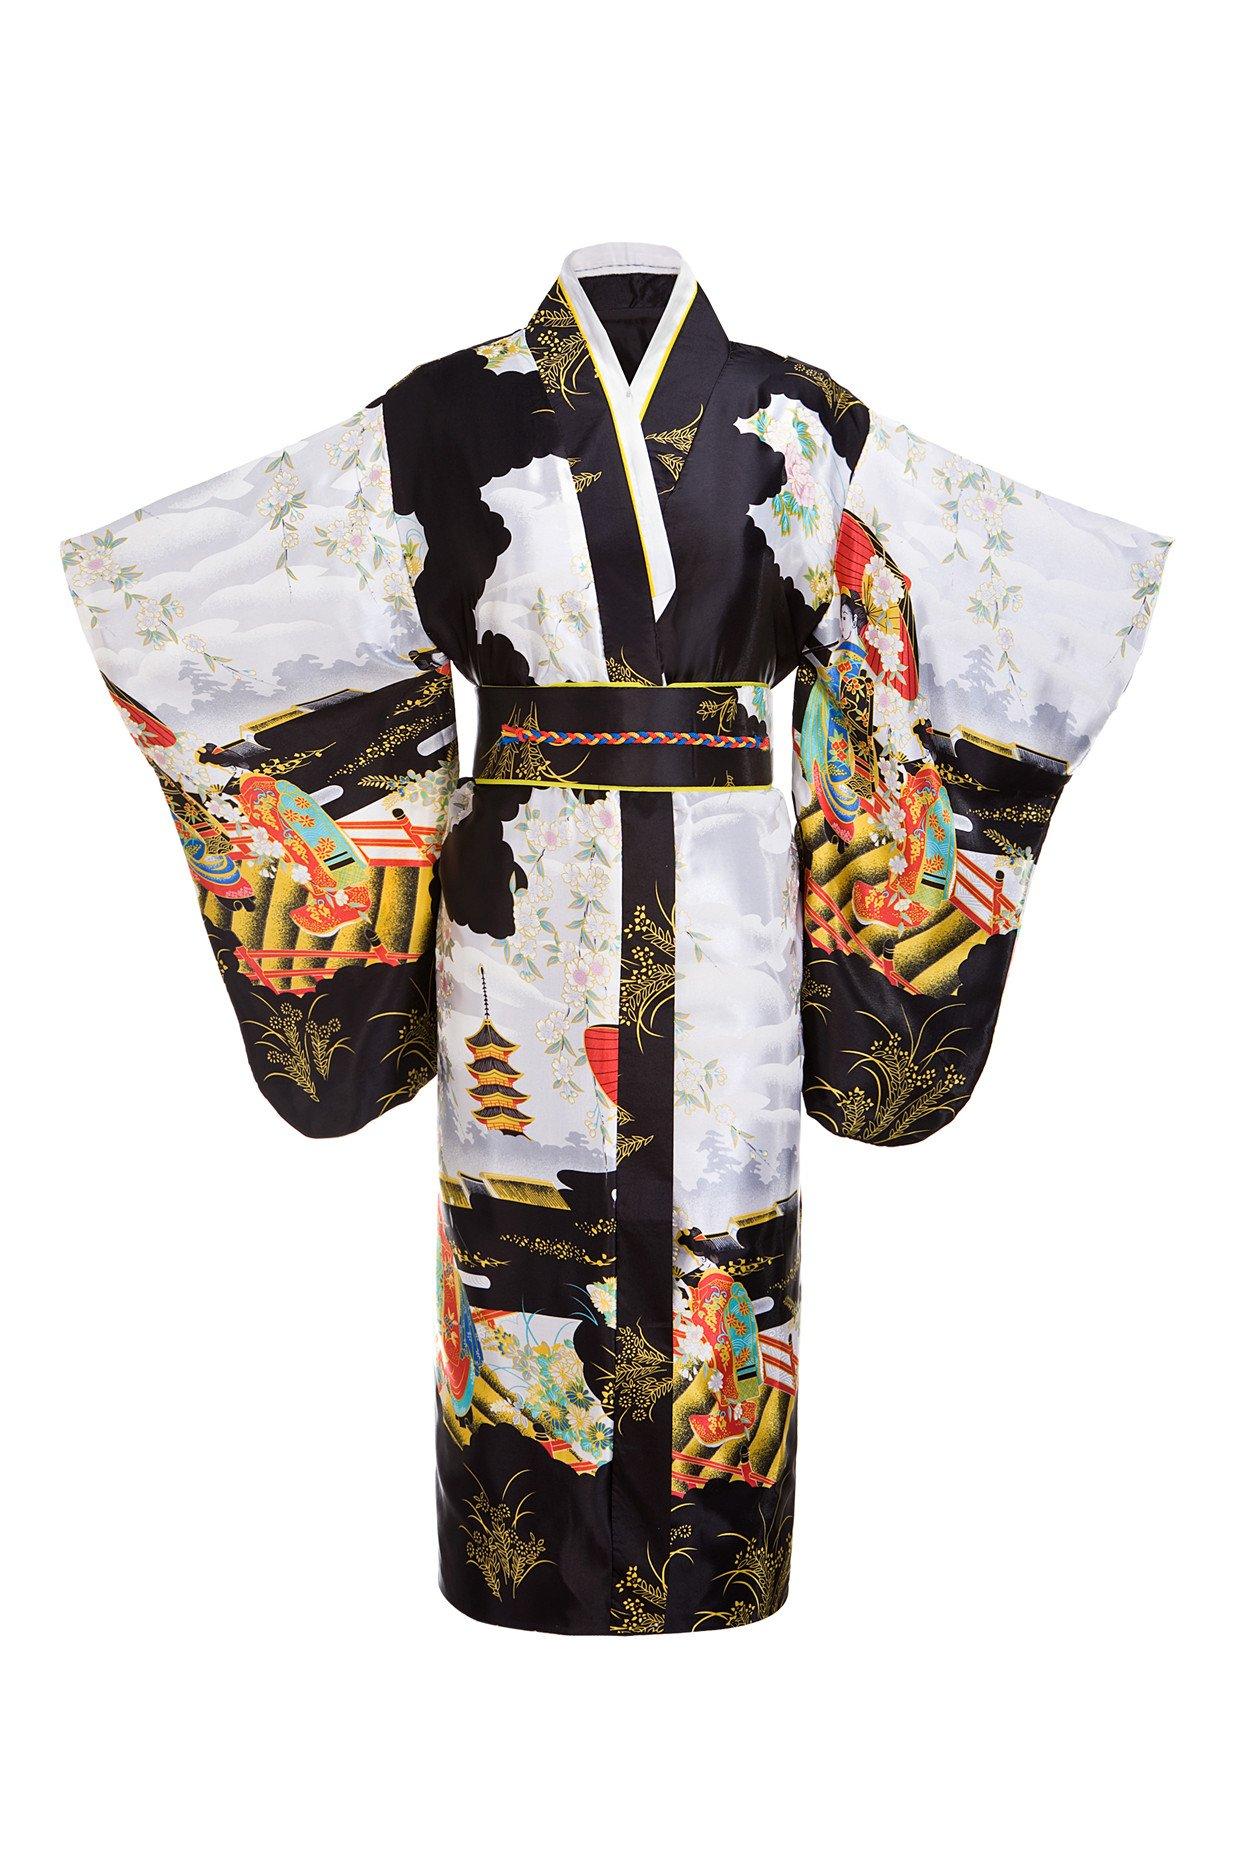 Women's Traditional Japanese Robe Kimono Bathrobe Sleepwear Robe Yukata Satin Robe